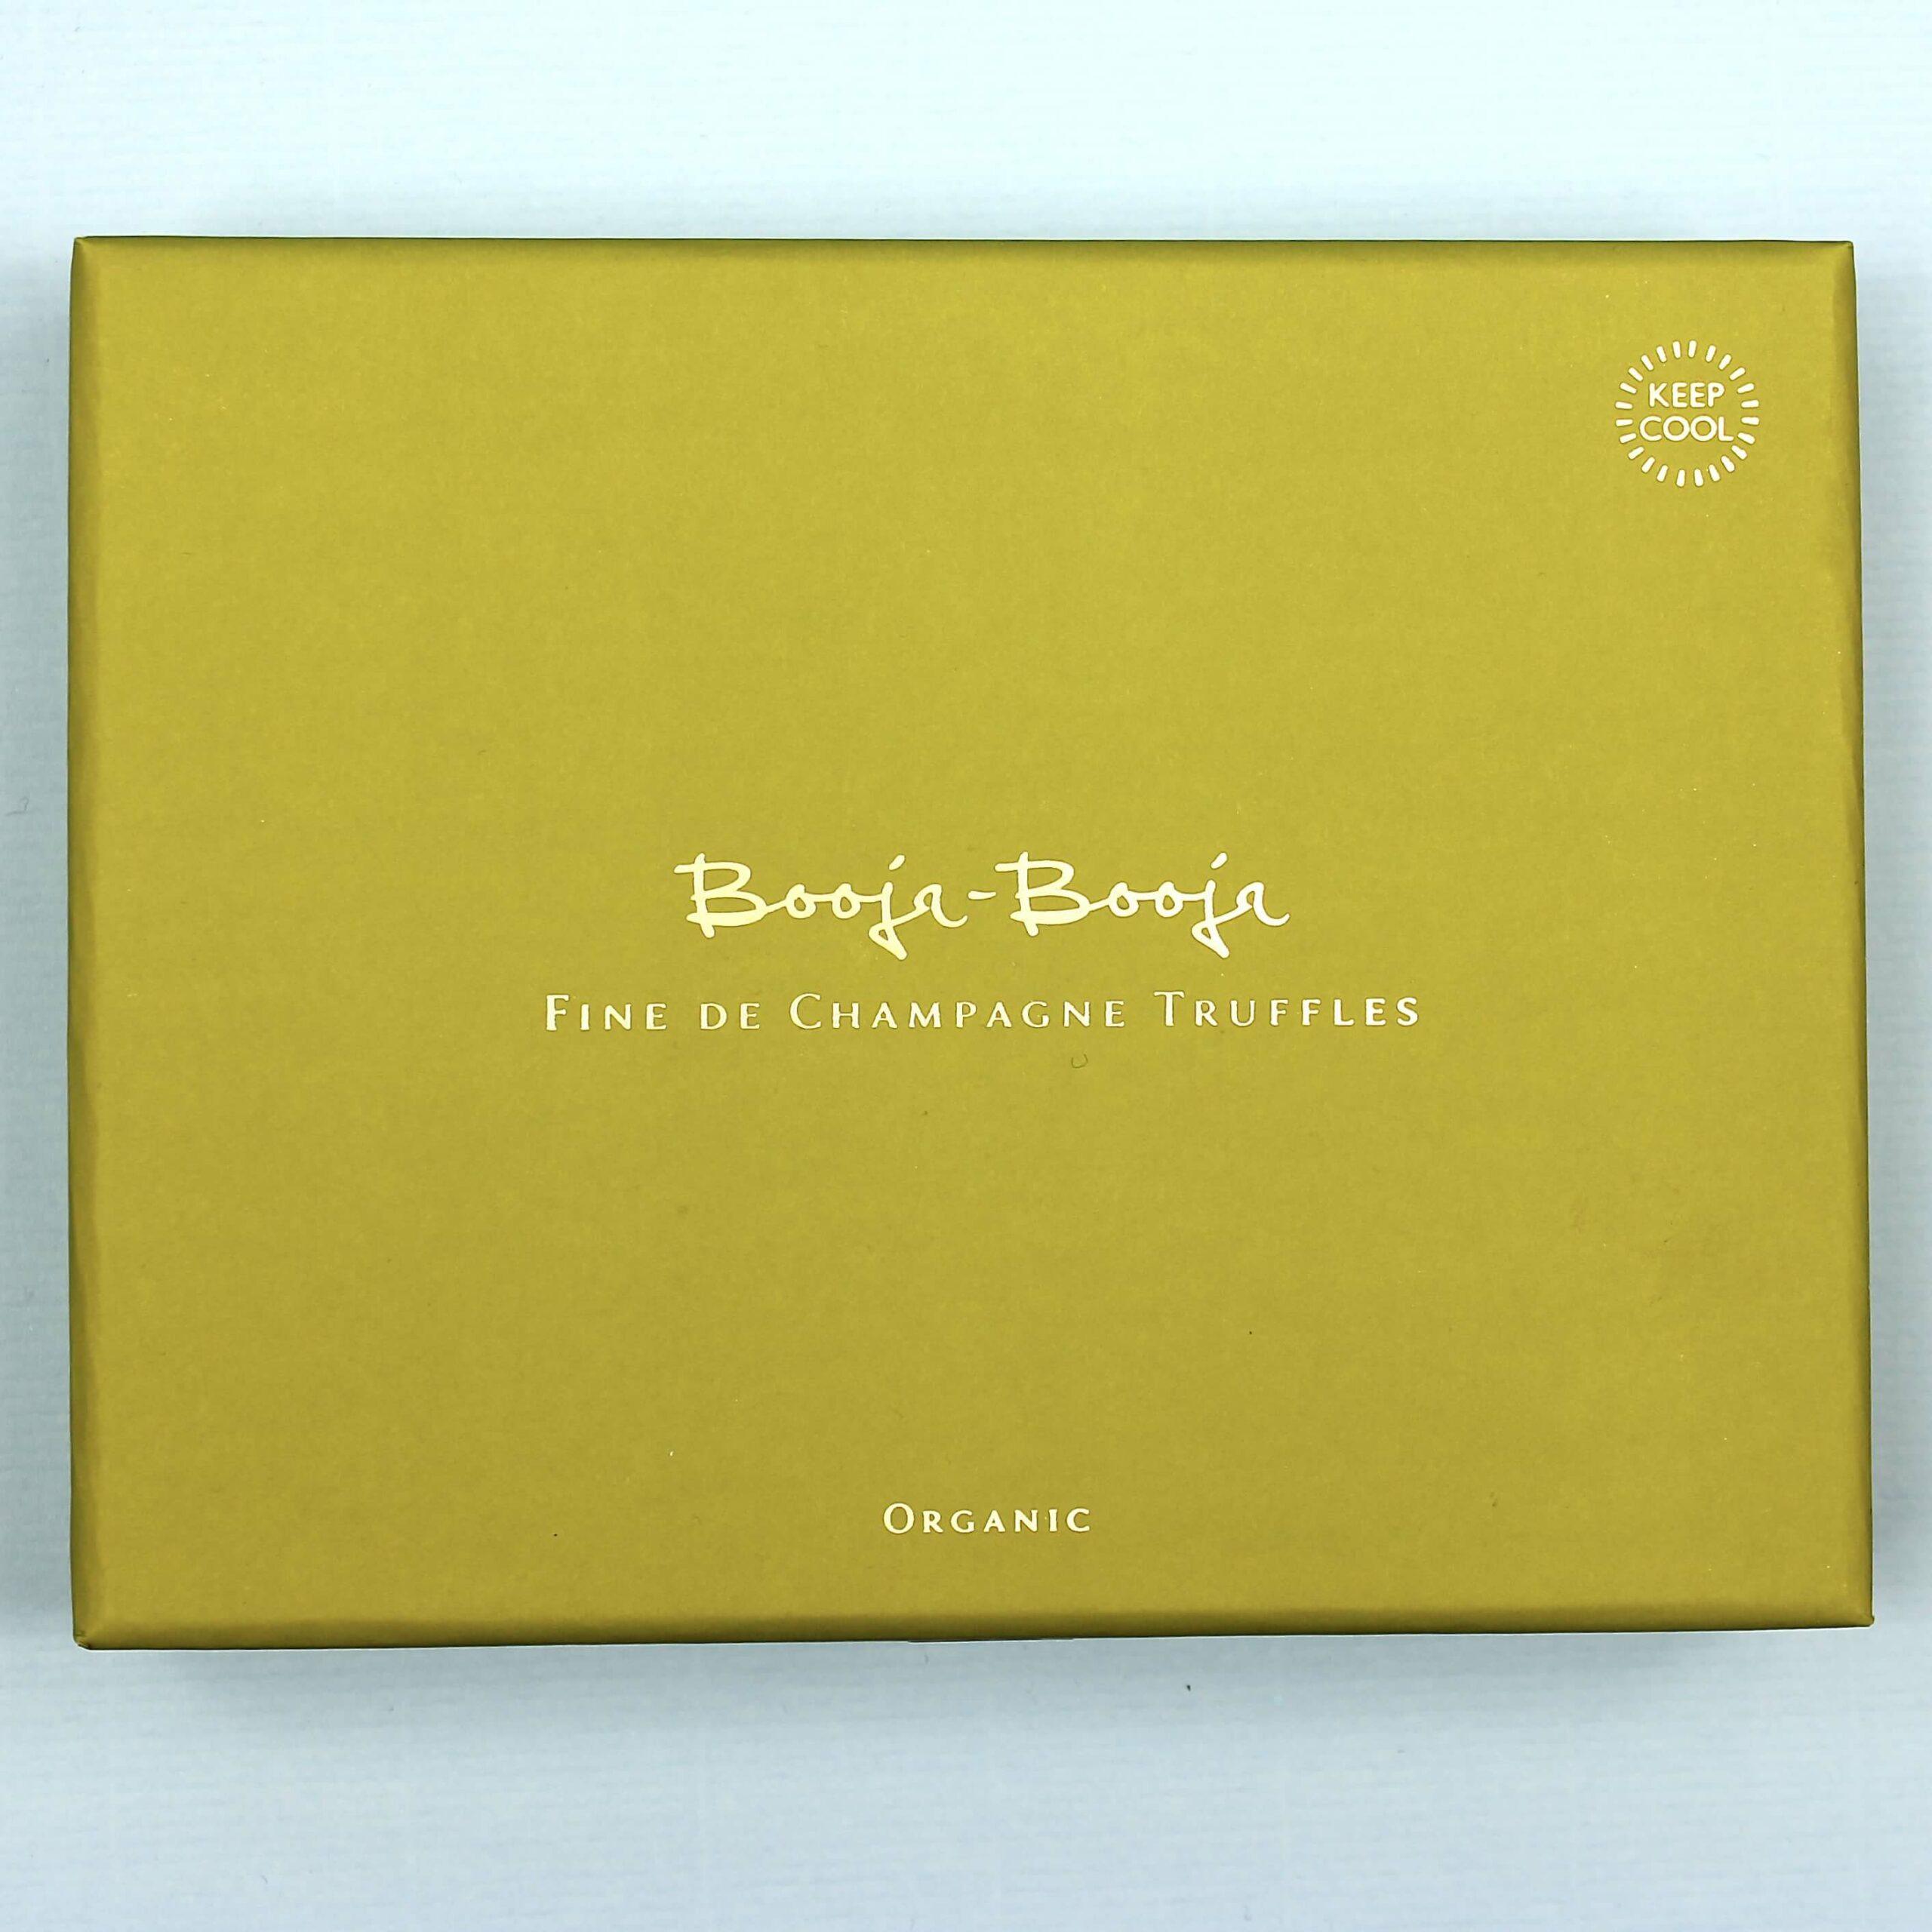 booja booja fine de champagne truffles organic